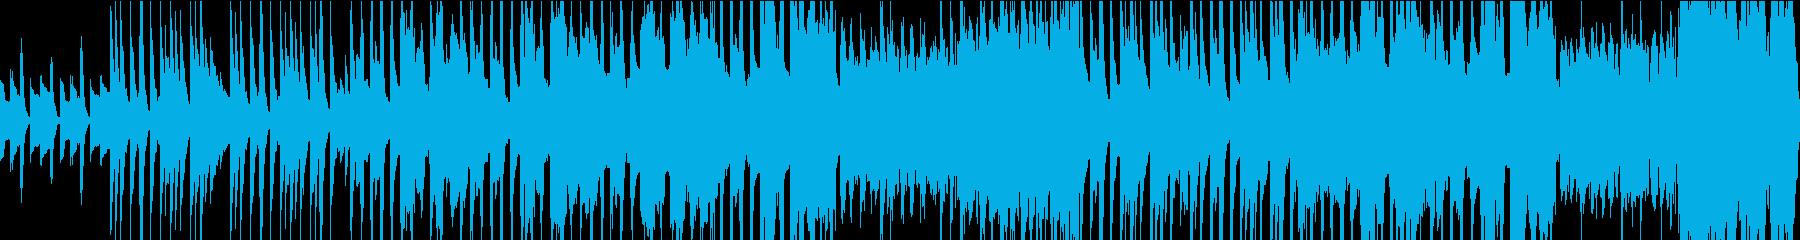 ほのぼのとした可愛い日常系音楽の再生済みの波形